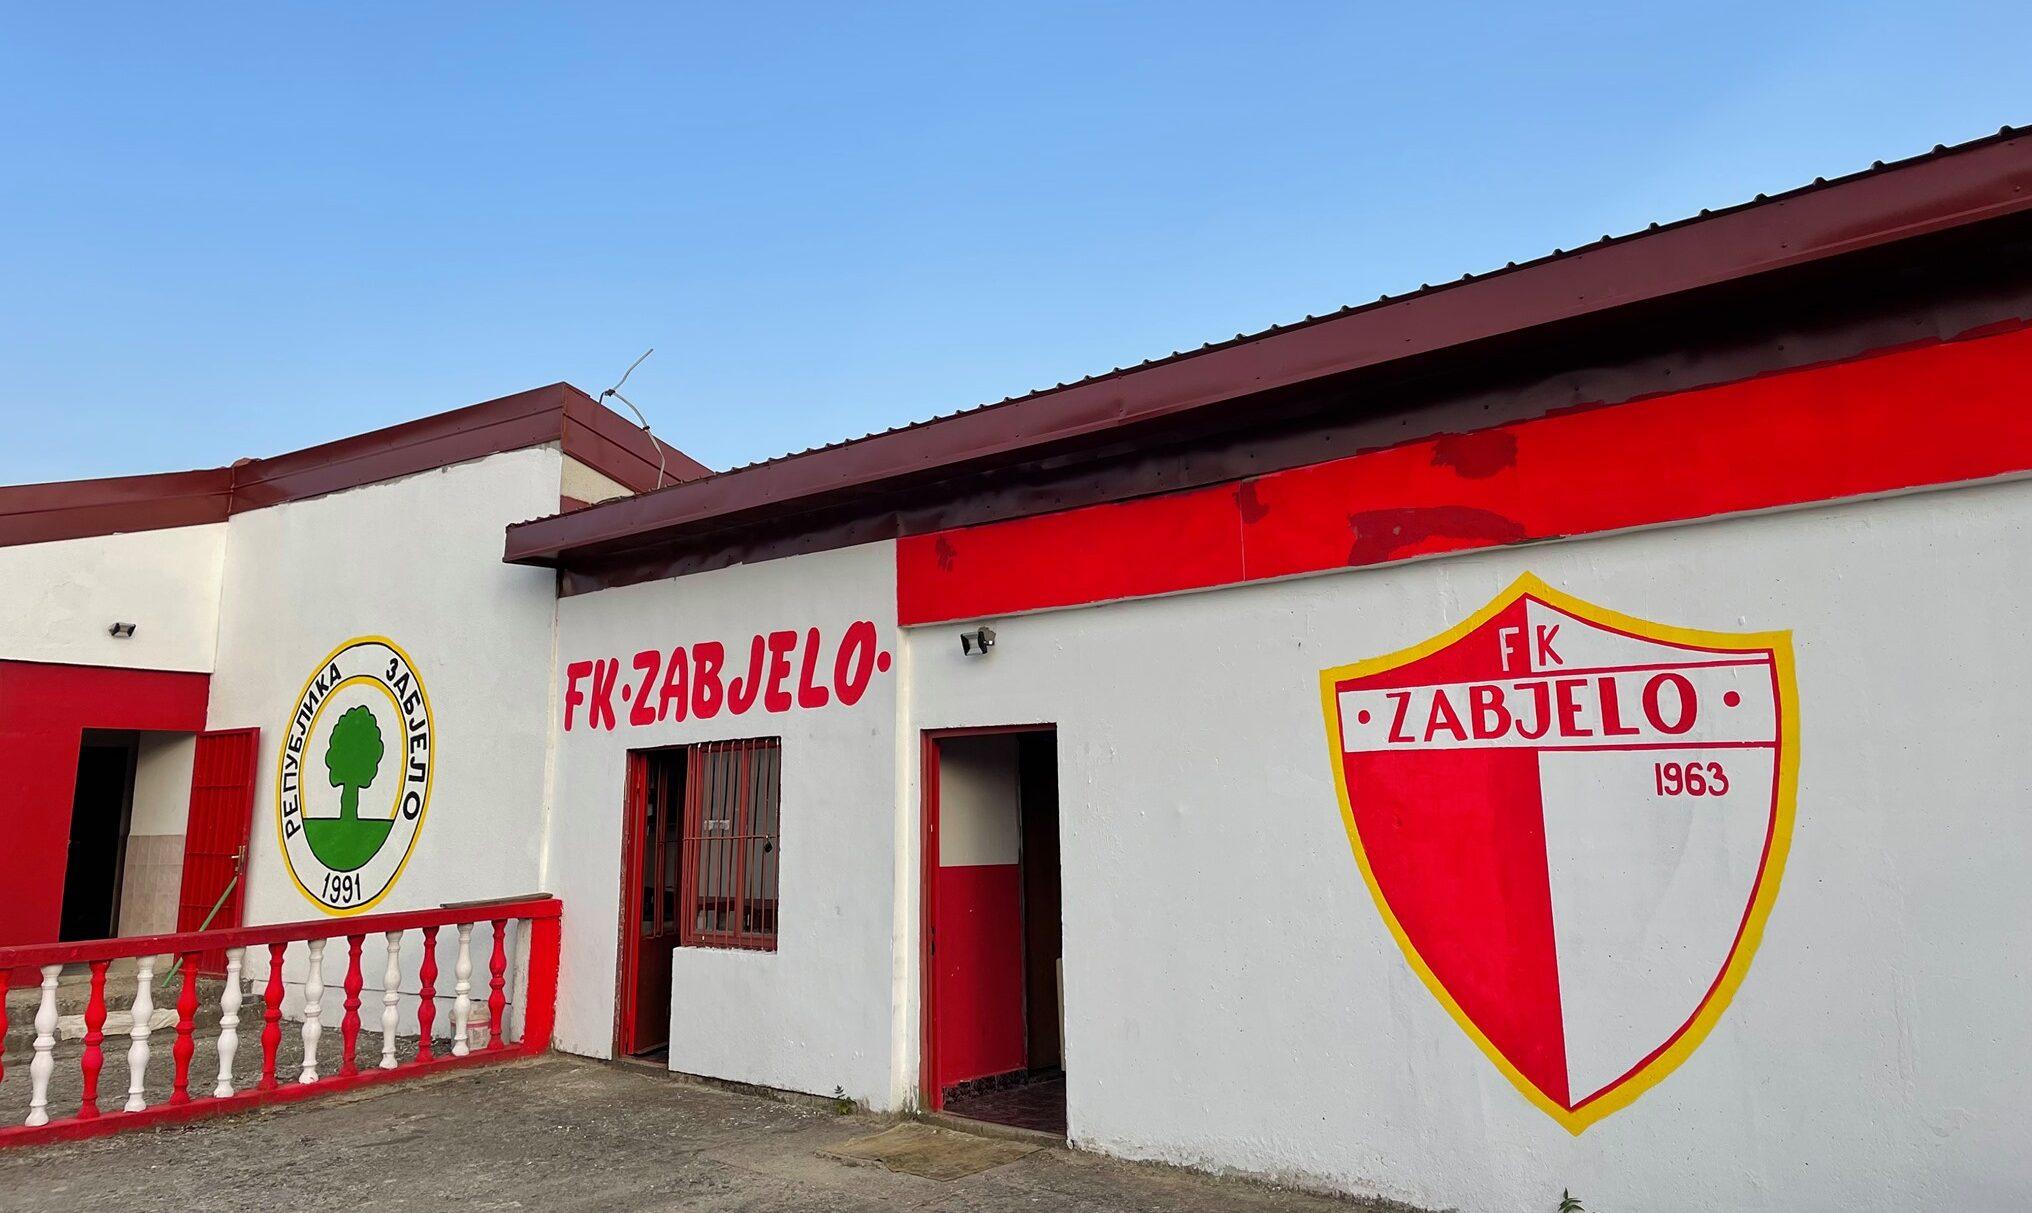 FK Zabjelo ponovo vrši upis mlađih članova!